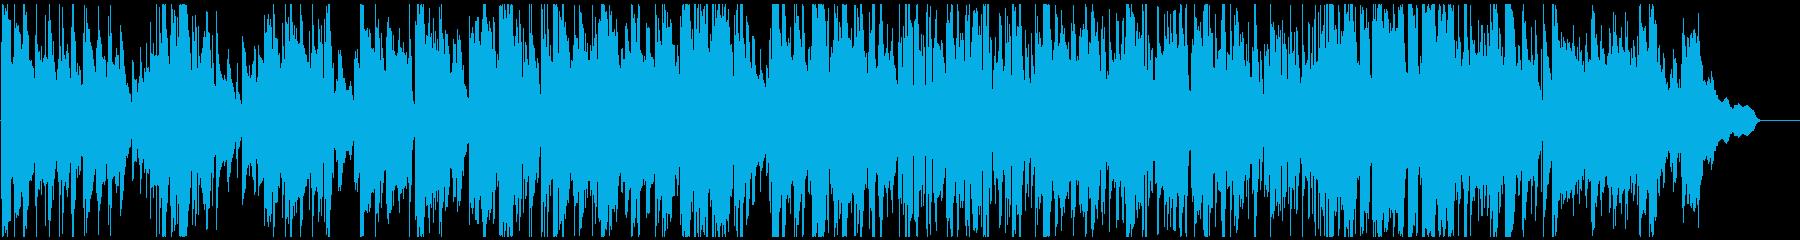 リラックス系まったりジャズ 甘いサックスの再生済みの波形